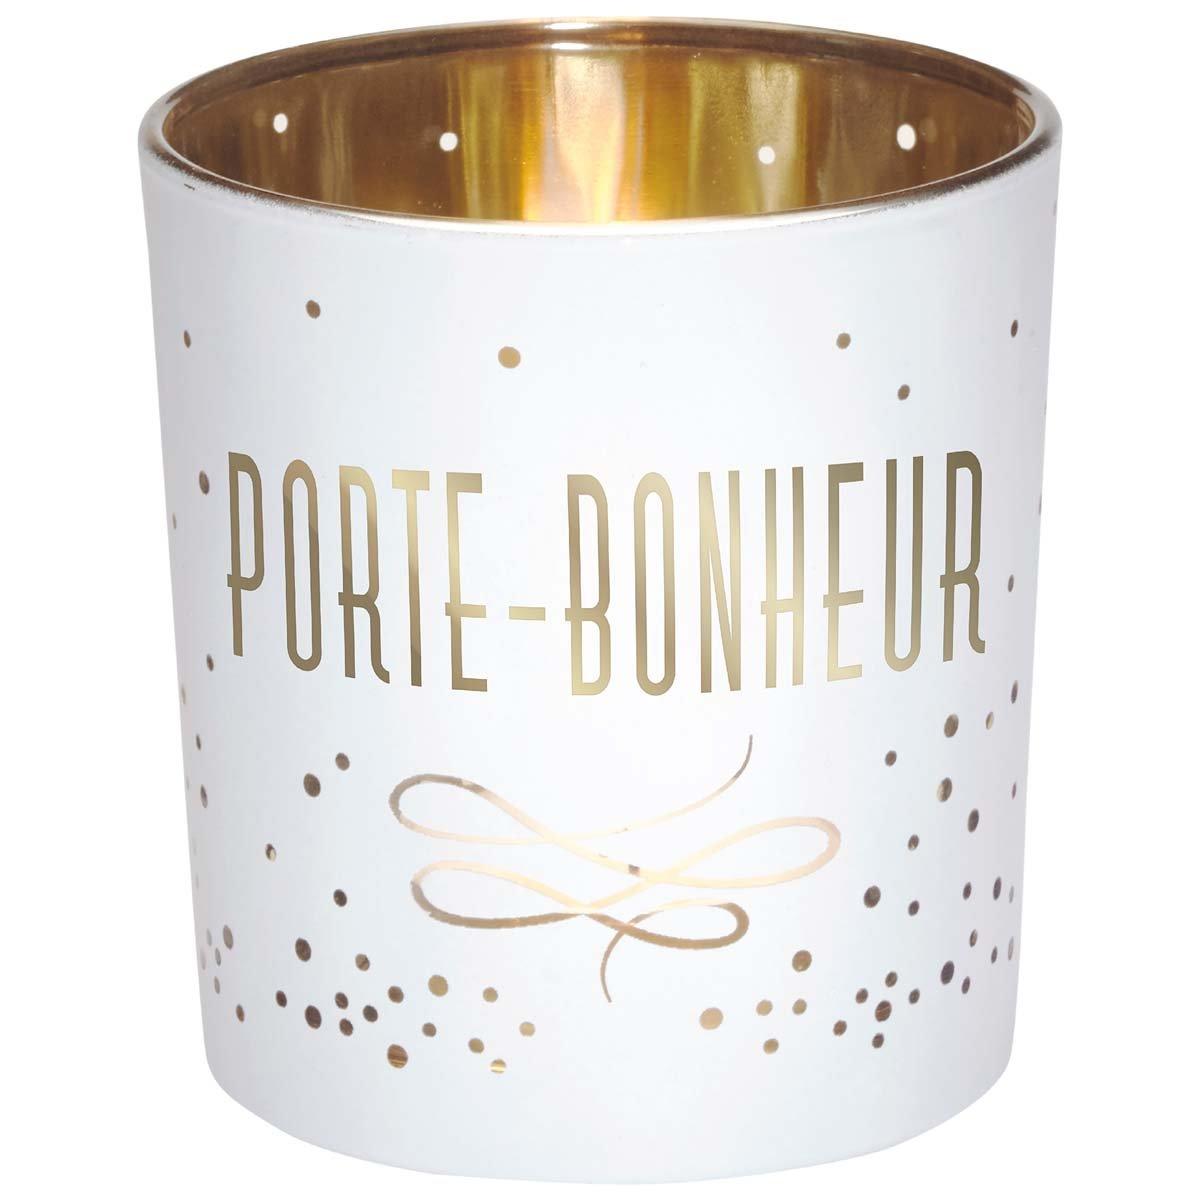 Photophore Porte-bonheur